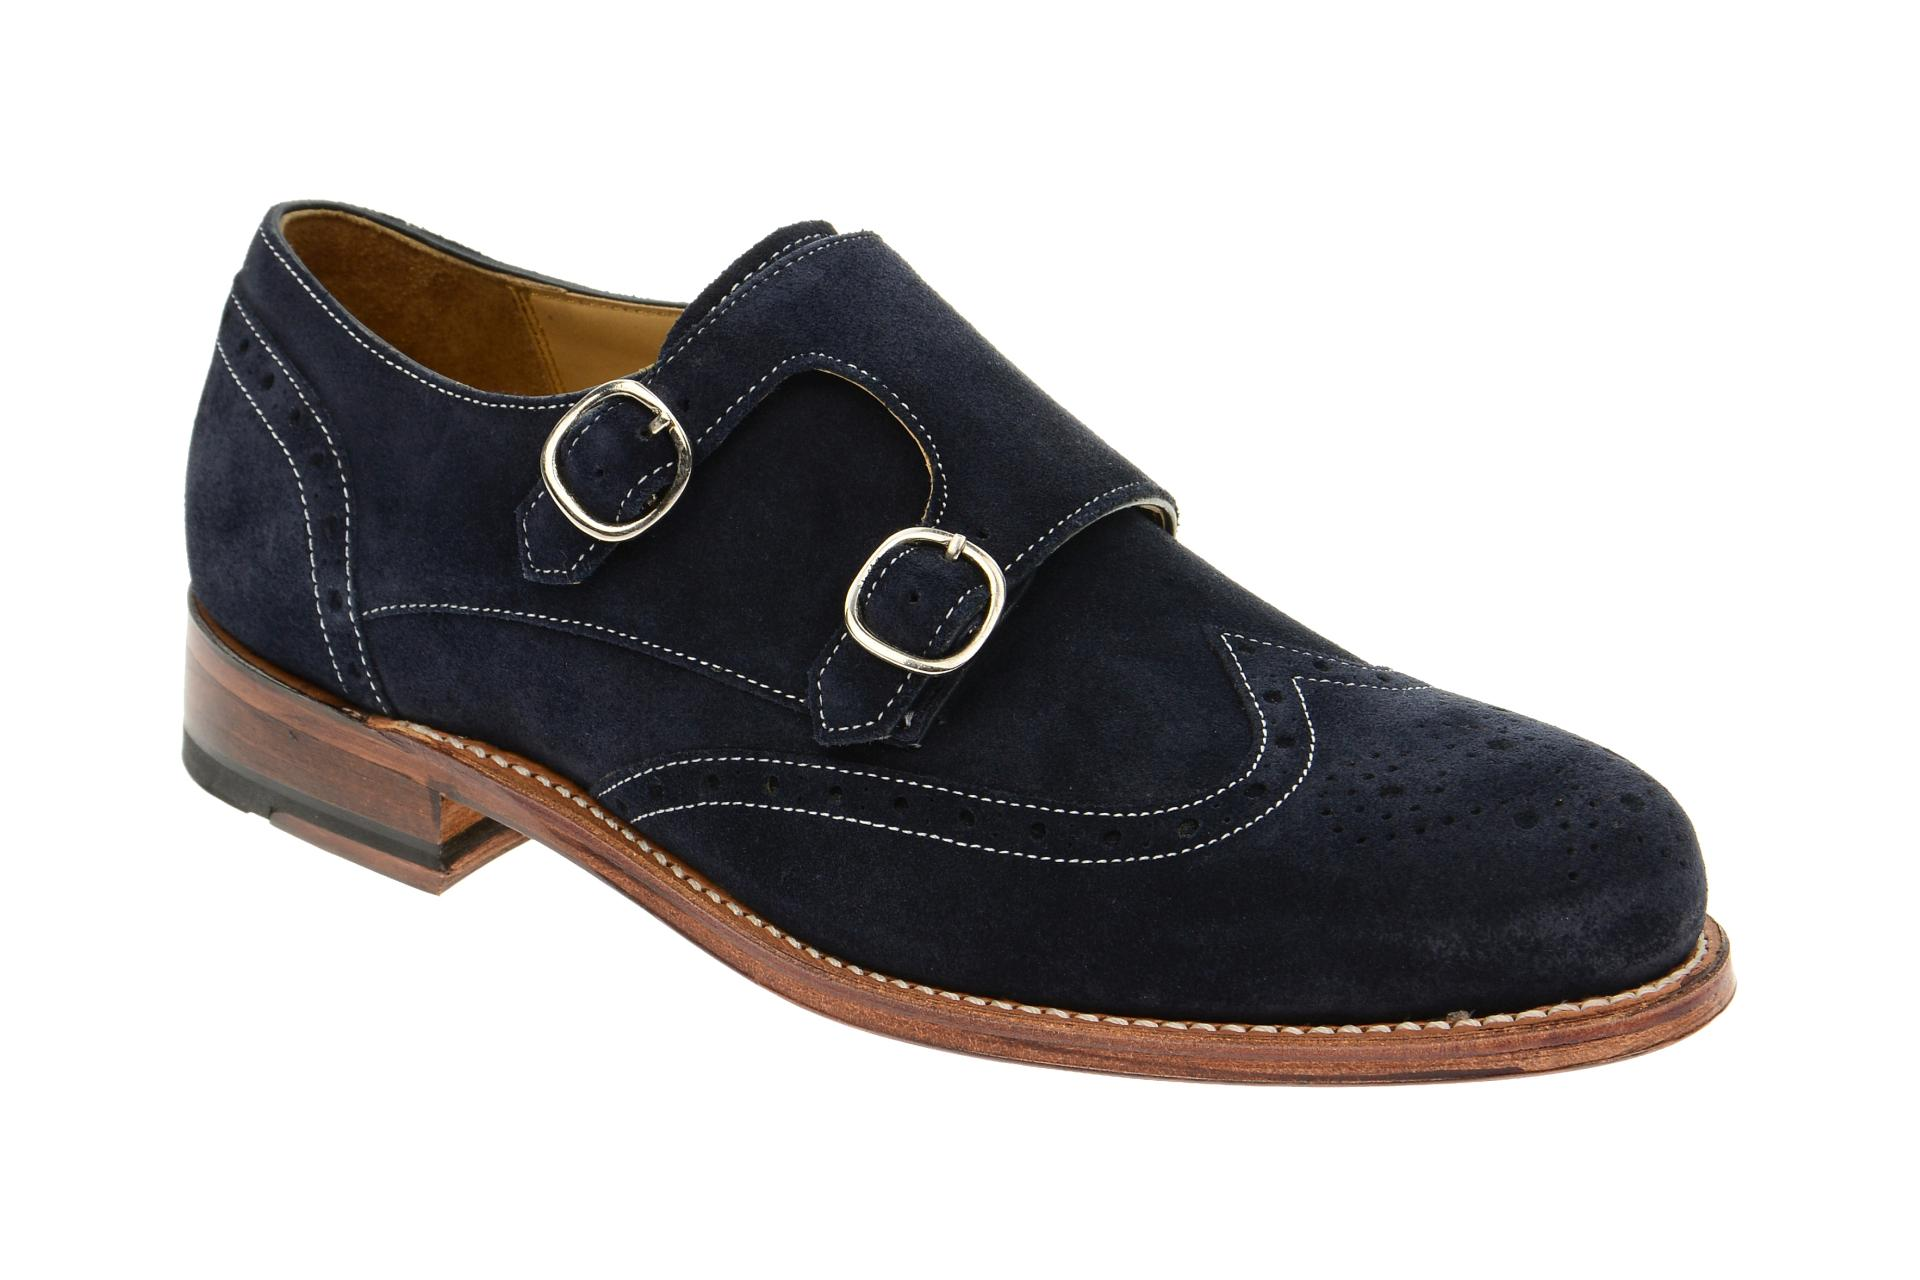 Details zu Gordon & Bros. Schuhe LEVET blau Herrenschuhe rahmengenähte Schuhe 4925 navy NEU